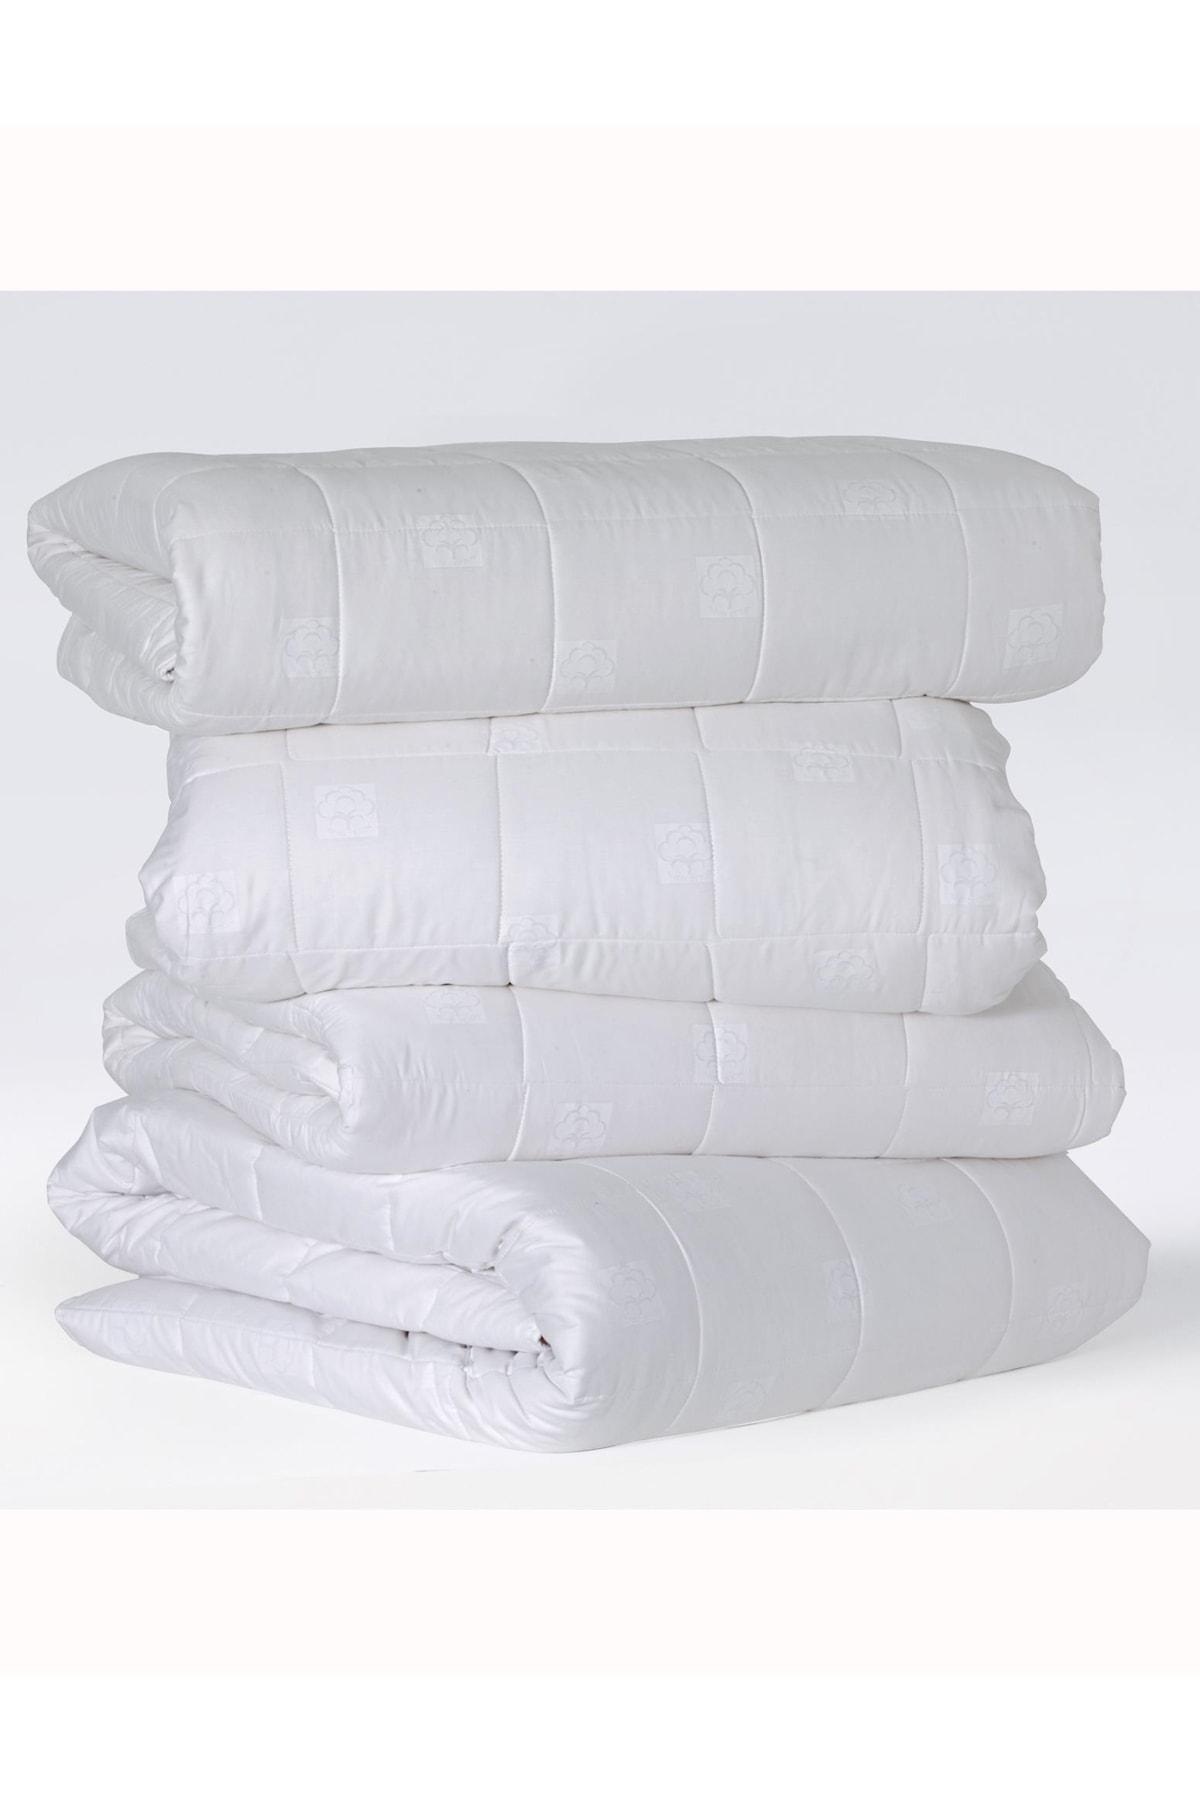 Taç Tac Cottonsoft Yorgan 95X145 Bebek 1